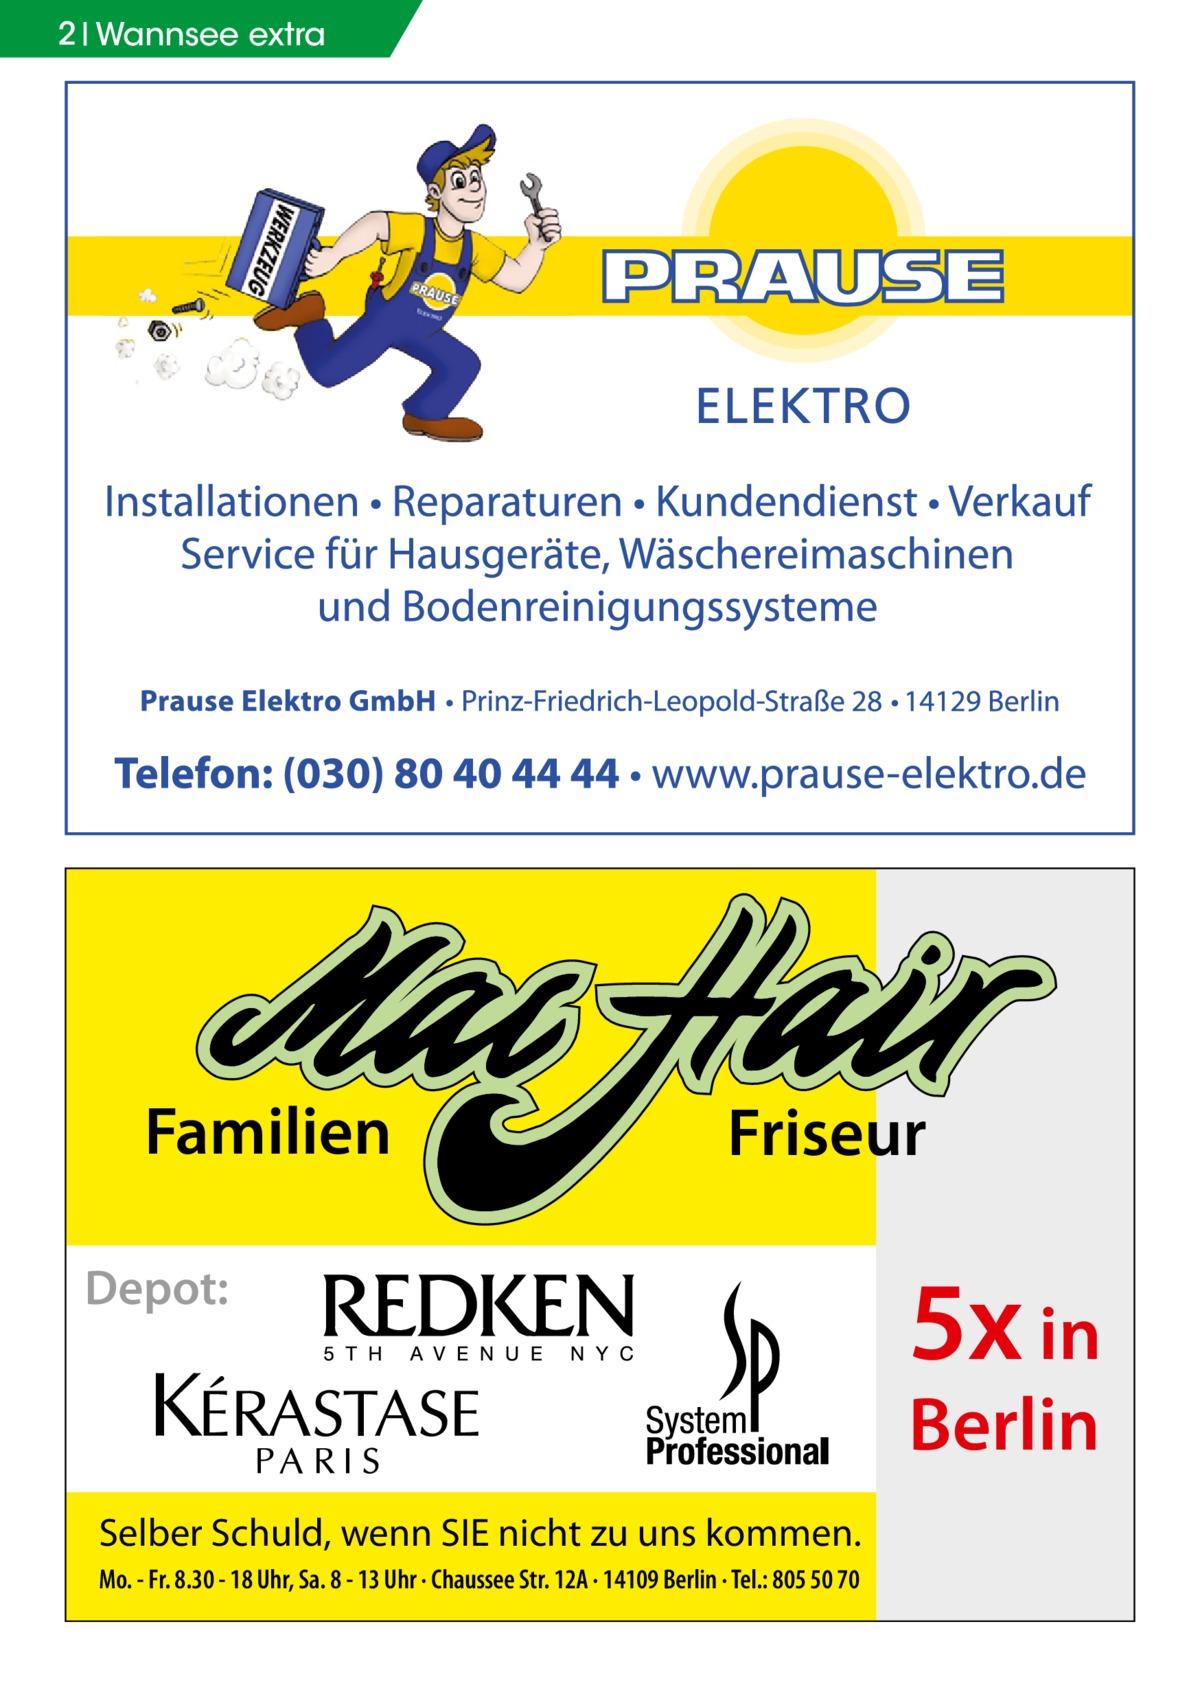 2 Wannsee extra  Familien  Friseur  Depot:  5x in Berlin  Selber Schuld, wenn SIE nicht zu uns kommen. Mo. - Fr. 8.30 - 18 Uhr, Sa. 8 - 13 Uhr · Chaussee Str. 12A · 14109 Berlin · Tel.: 805 50 70